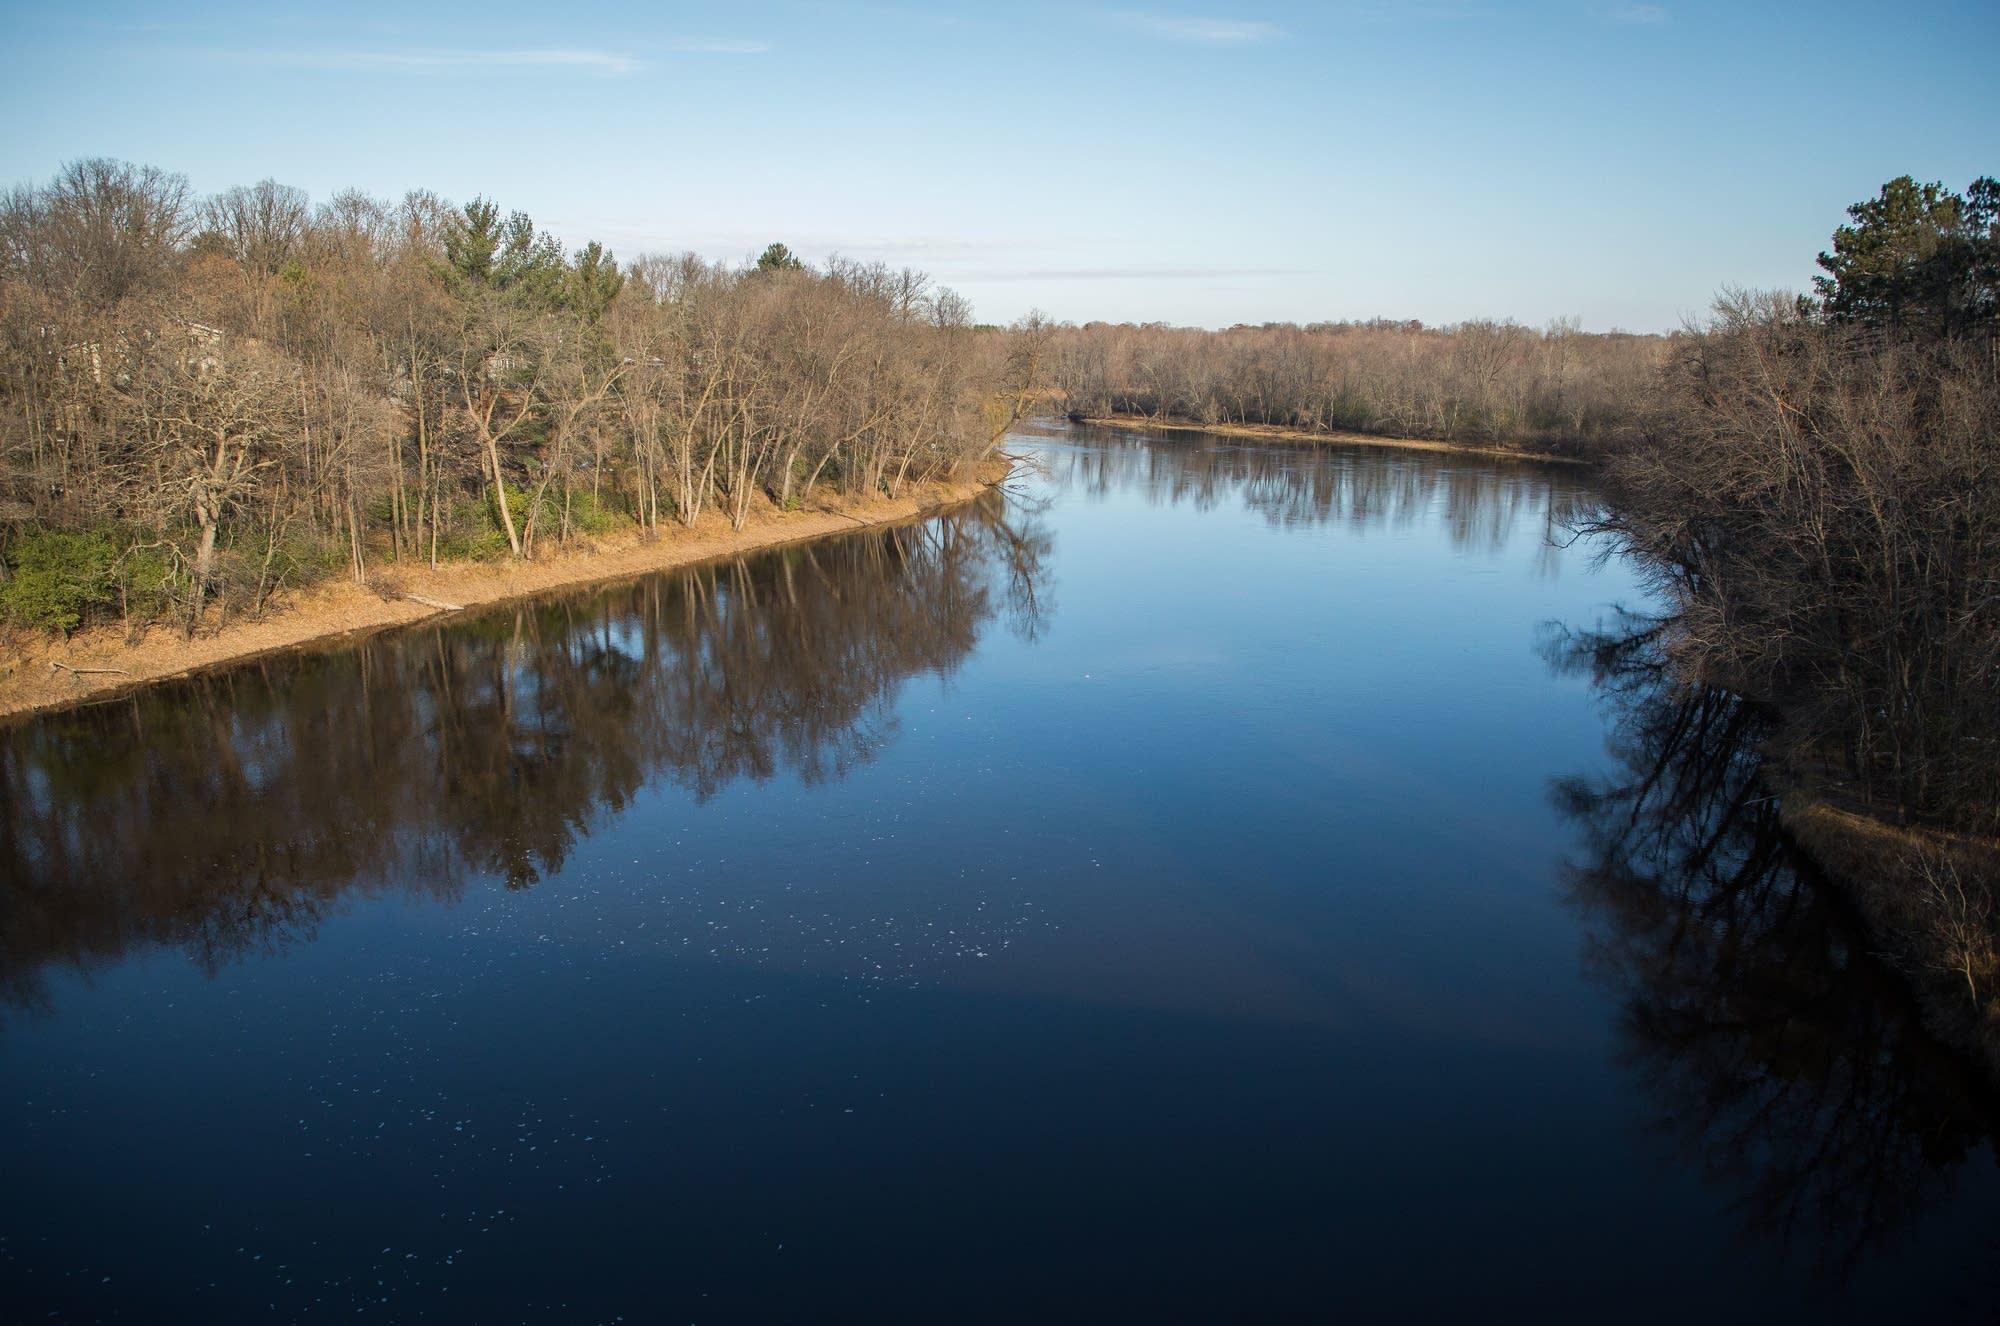 The Mississippi River flows through Brainerd.